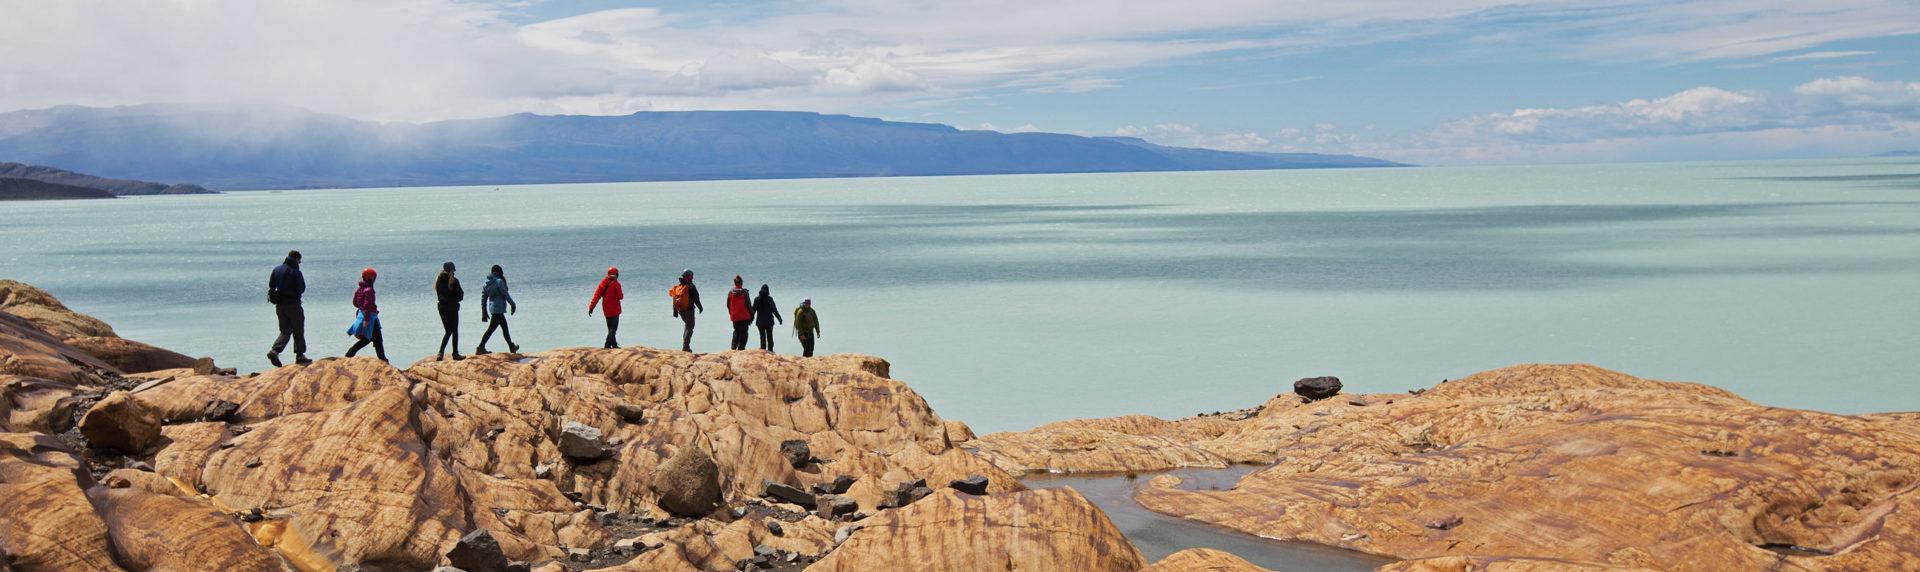 Patagonie Reizen Viedma Gletsjer